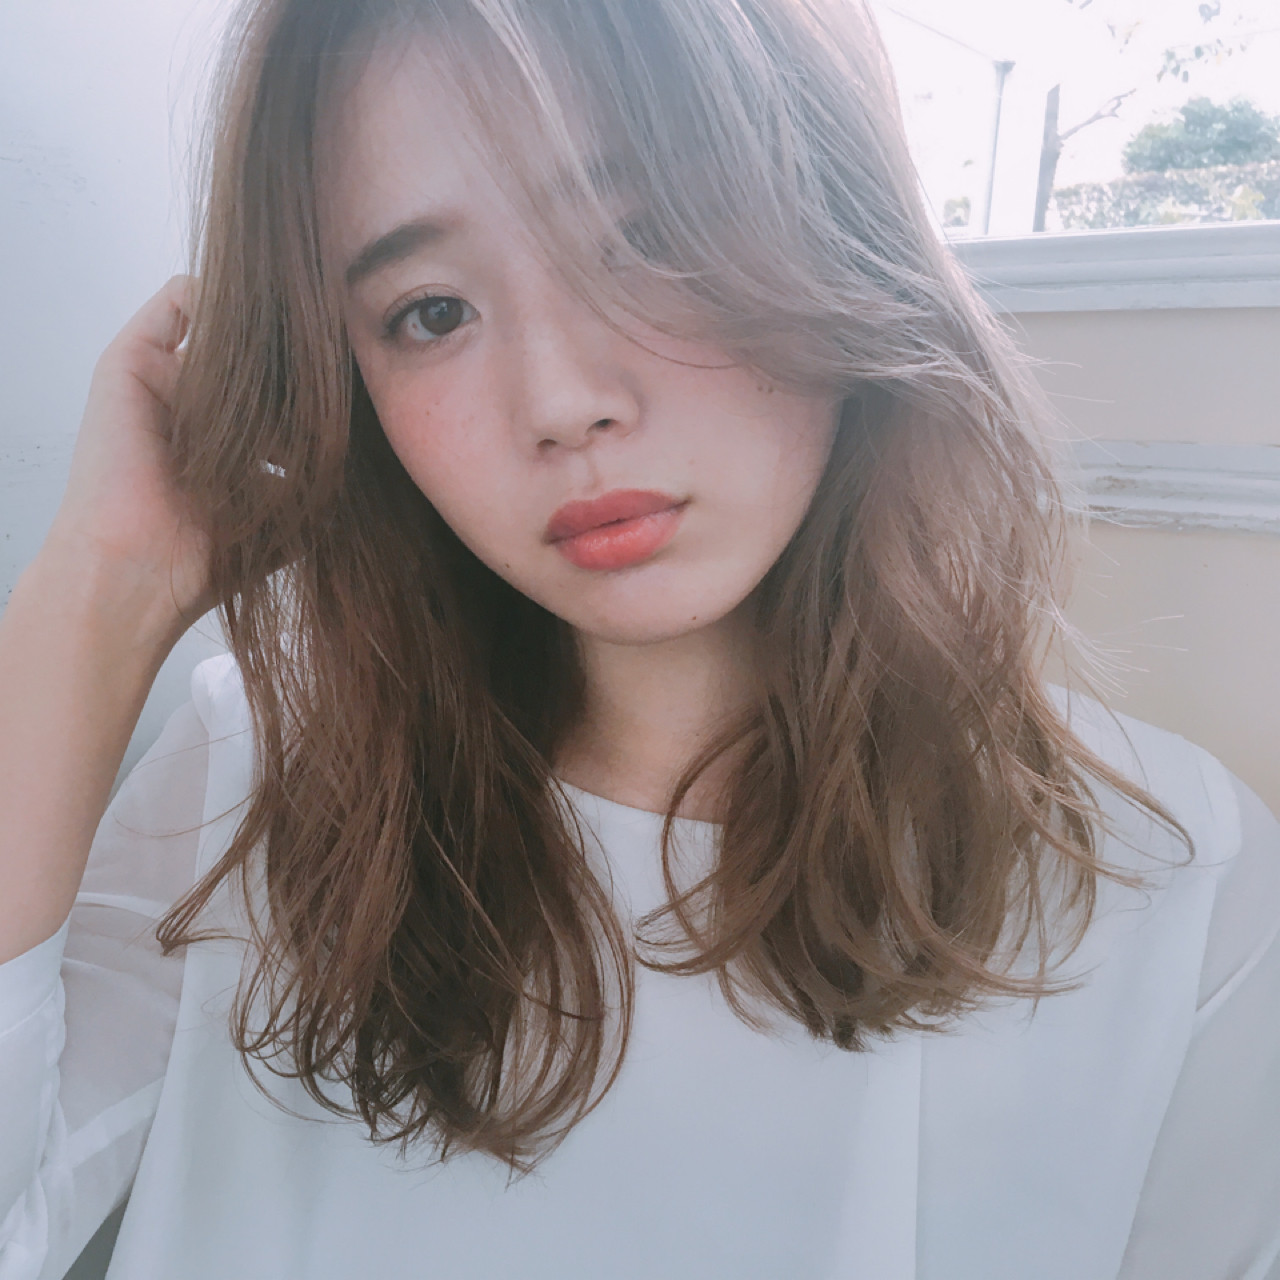 セミロング 色気 パーマ フェミニン ヘアスタイルや髪型の写真・画像 | Unami 工藤由佳 / Unami omotesando